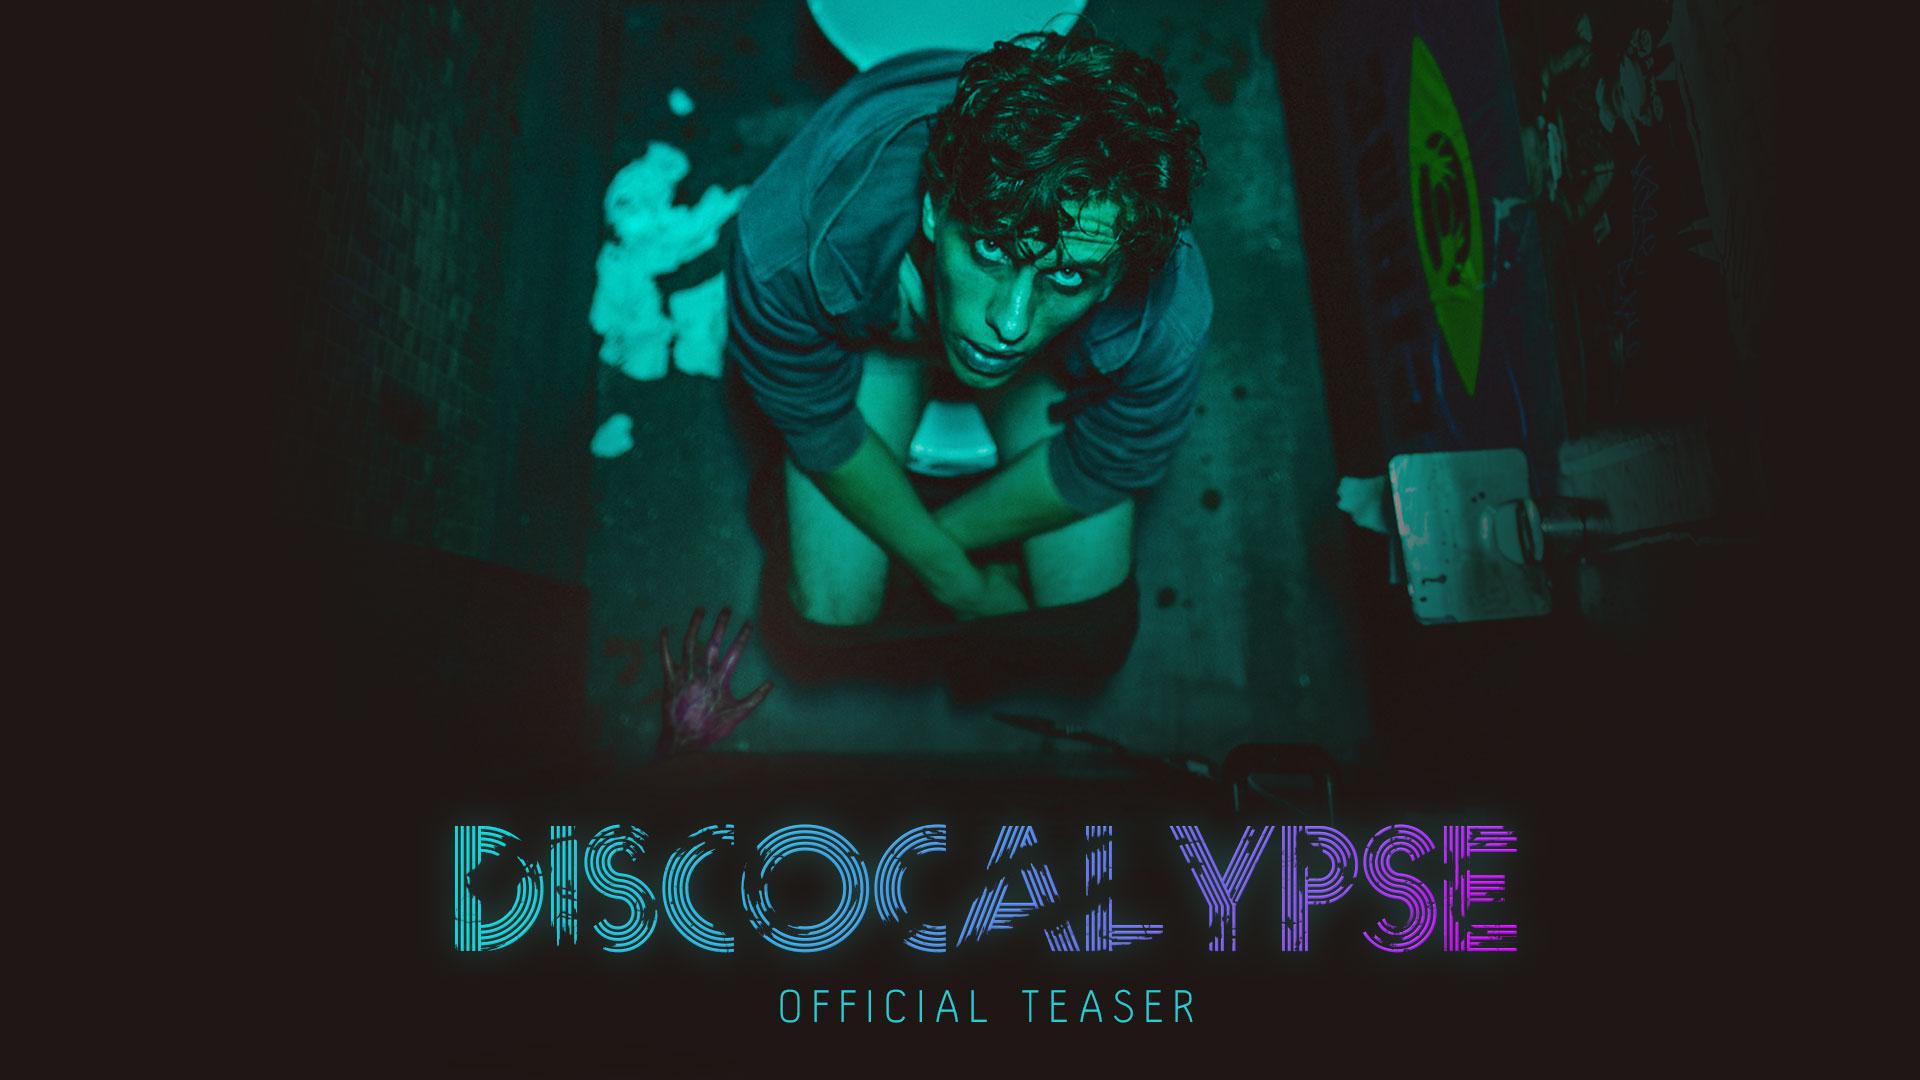 Discocalypse